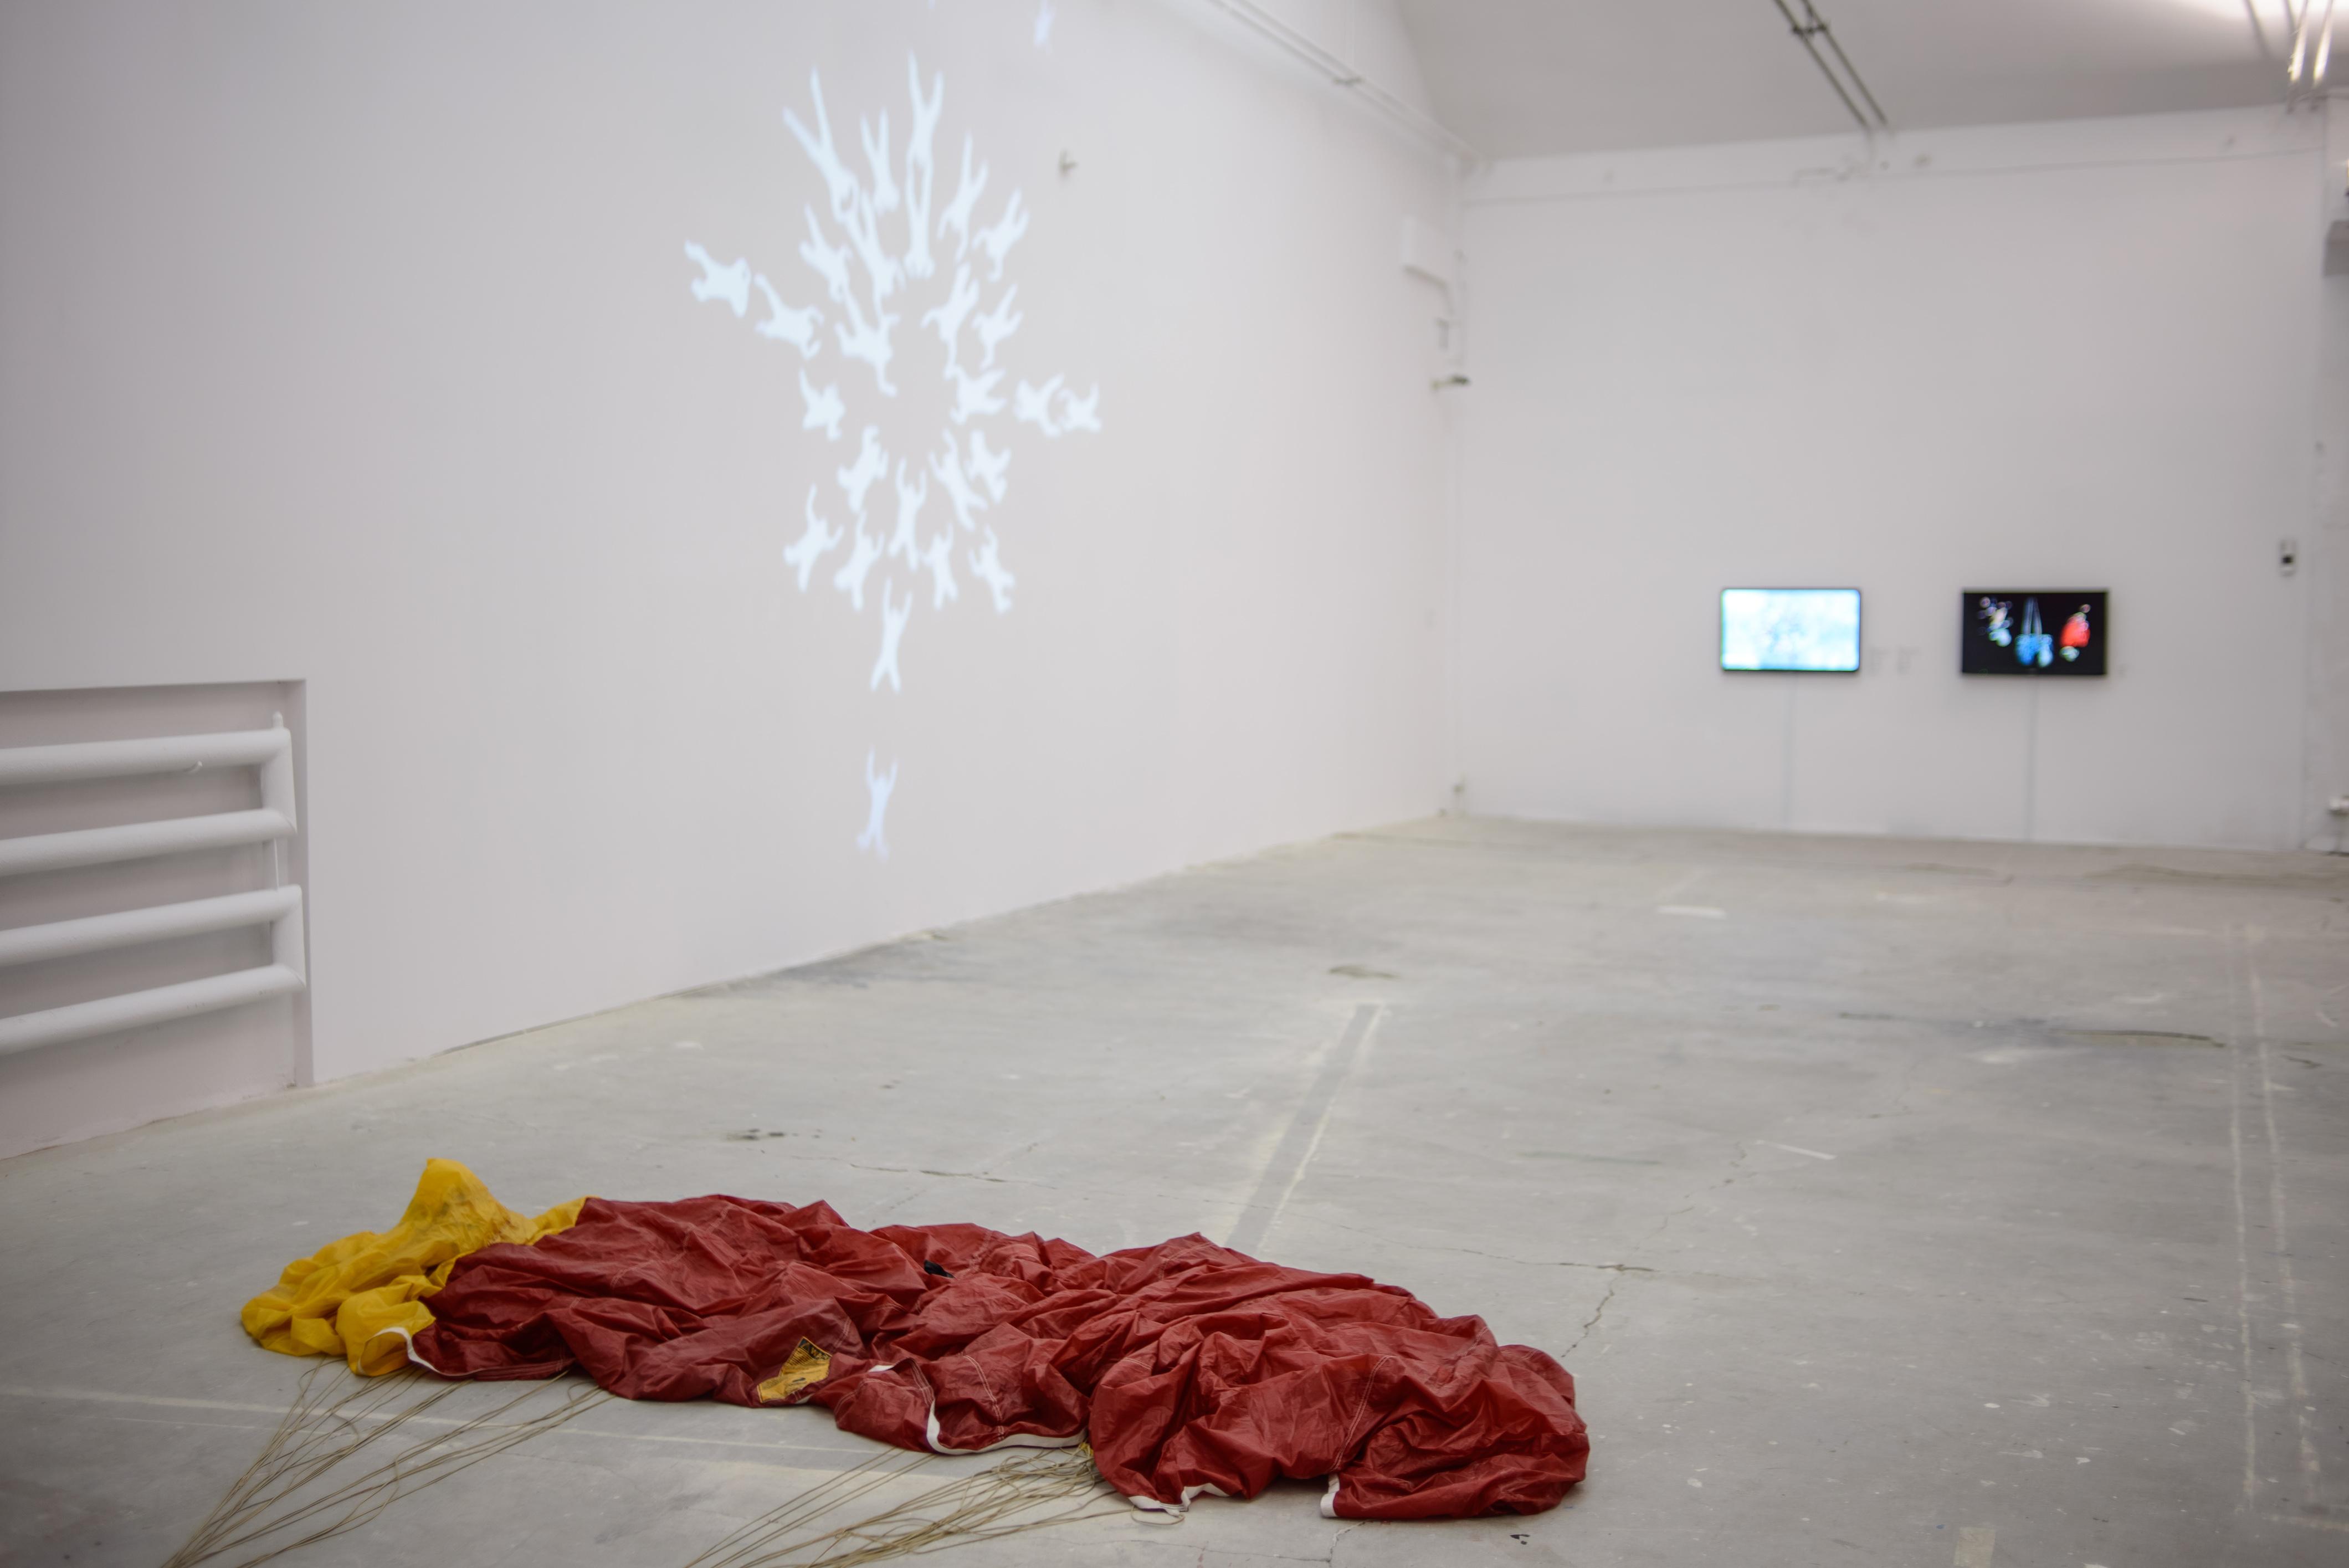 """Dominik Lejman, """"Parafold"""" (fragment, 2011),"""" Katedra 60s."""" (2011), """"Katedra 60s."""", dokumentacja (2011), """"Fioletowy, Niebieski, Czerwony"""" (2012)"""